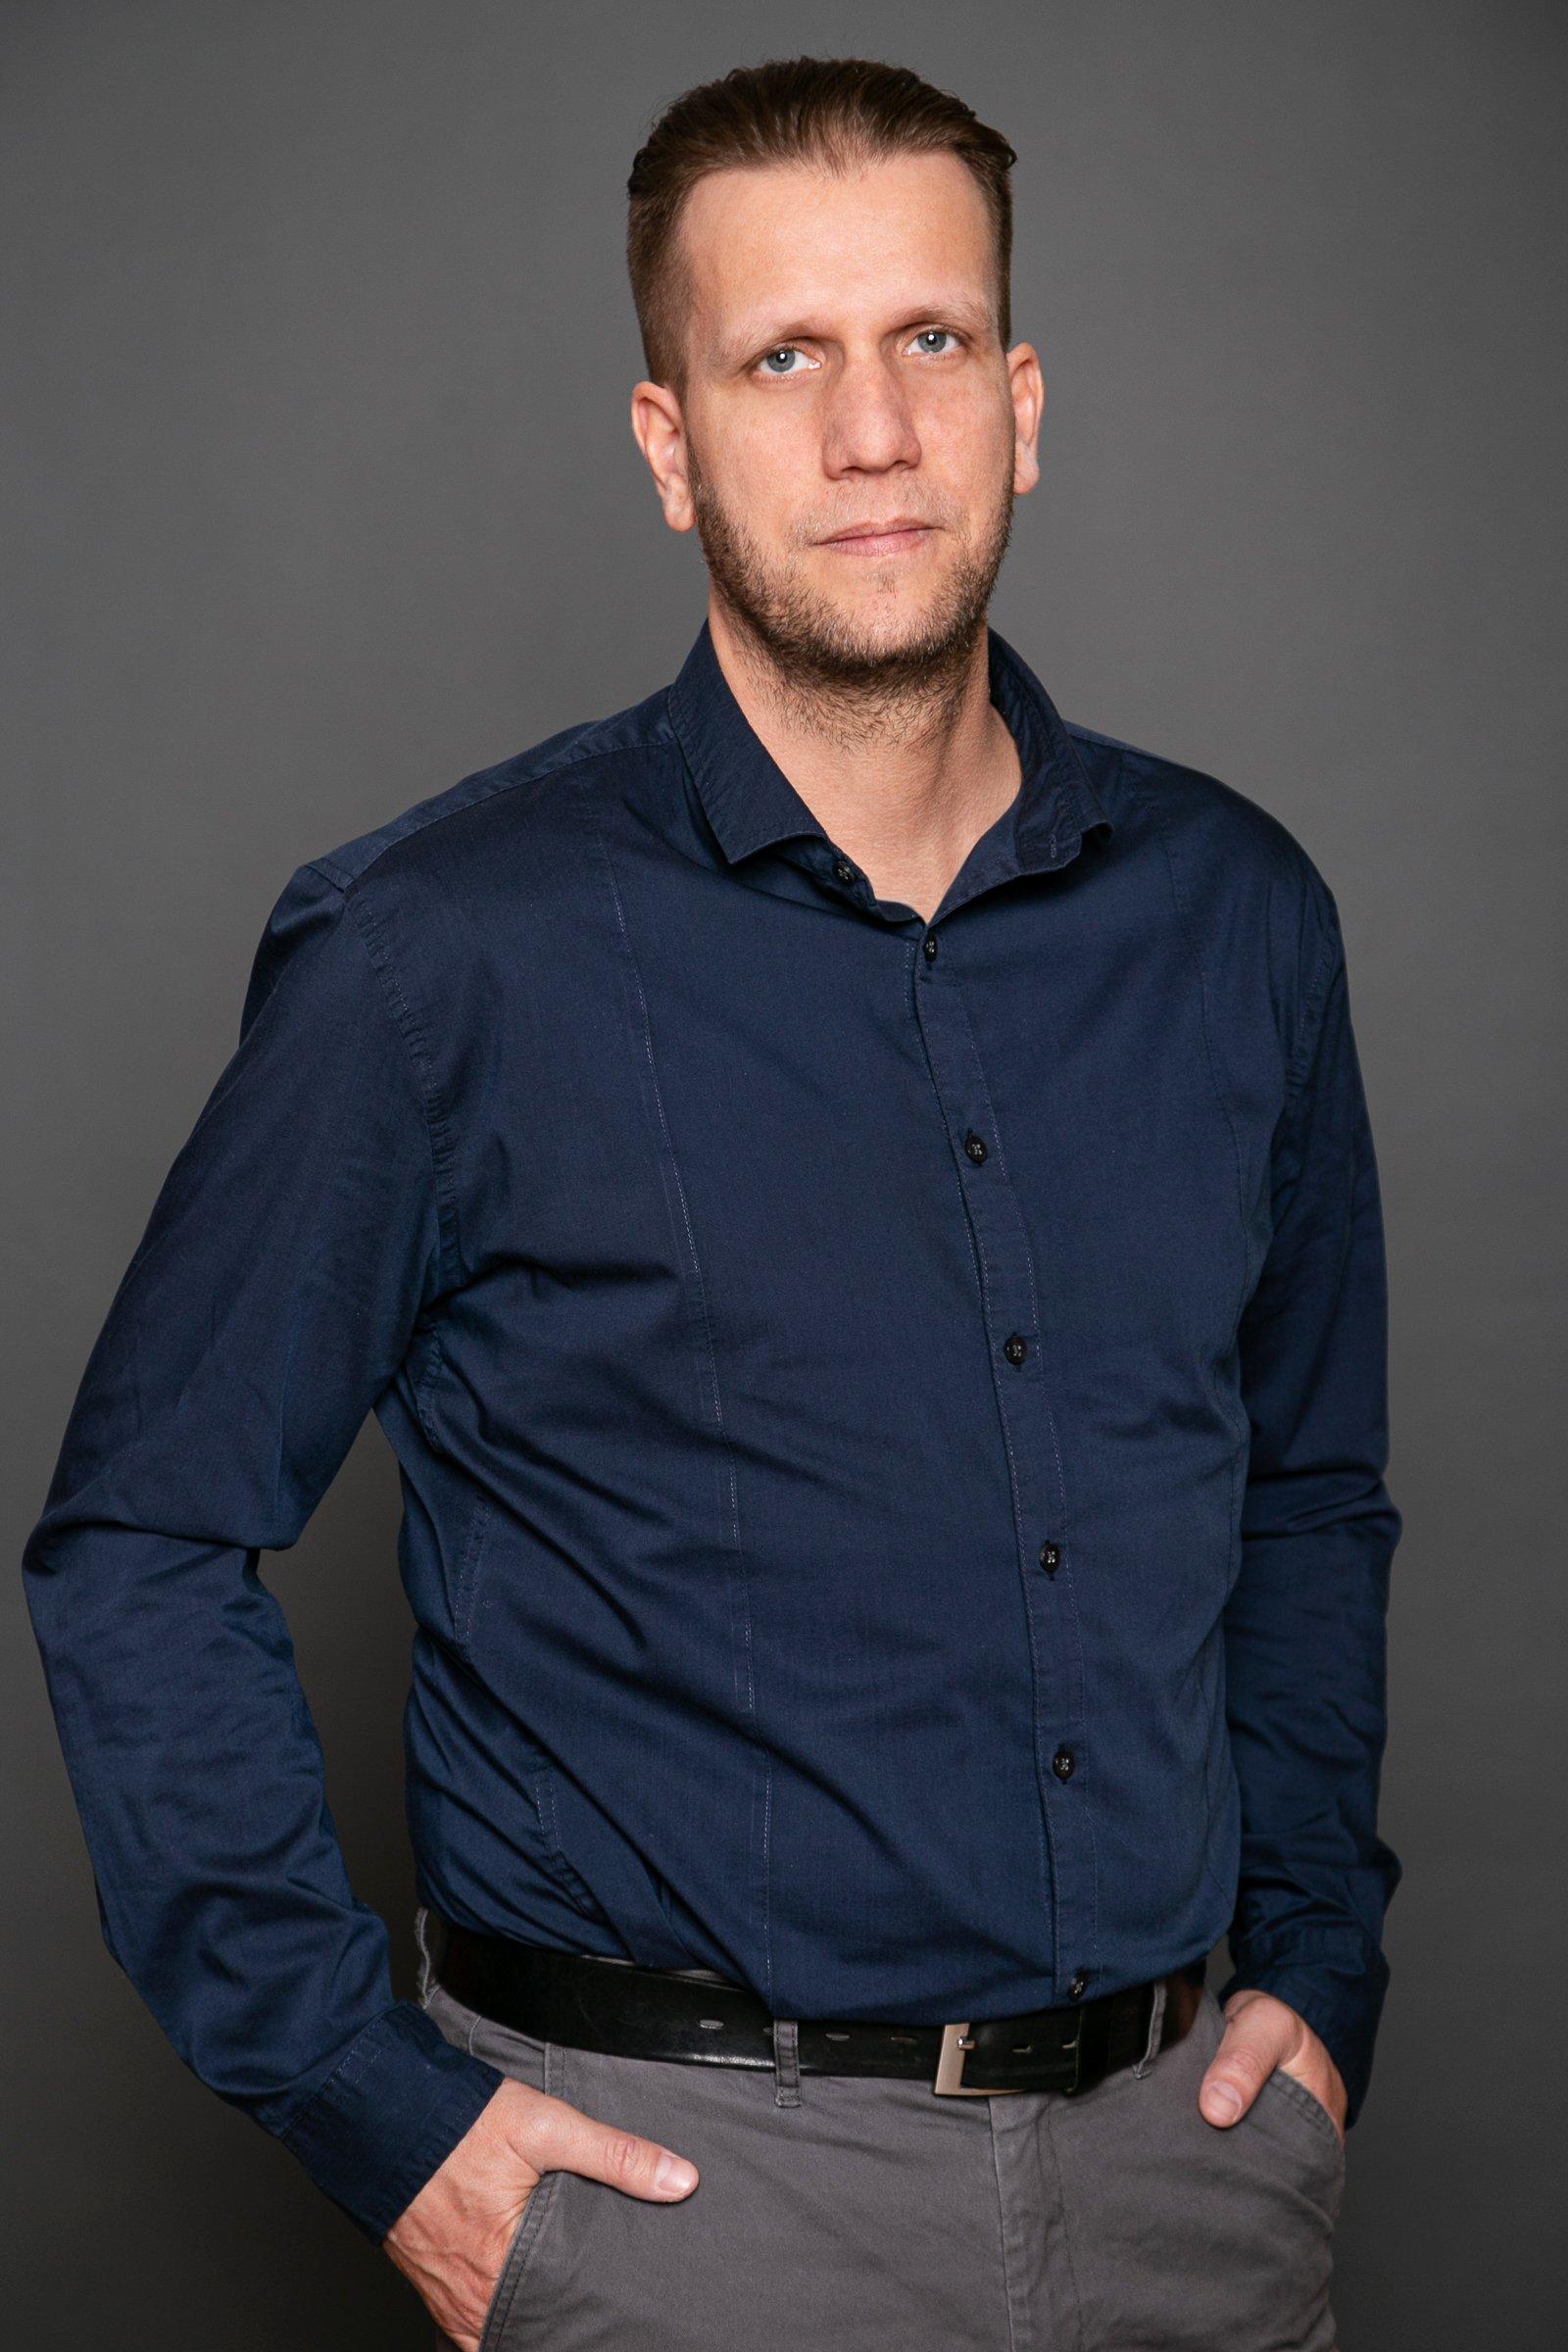 Olajos László, ügyvezető, vezető tervező